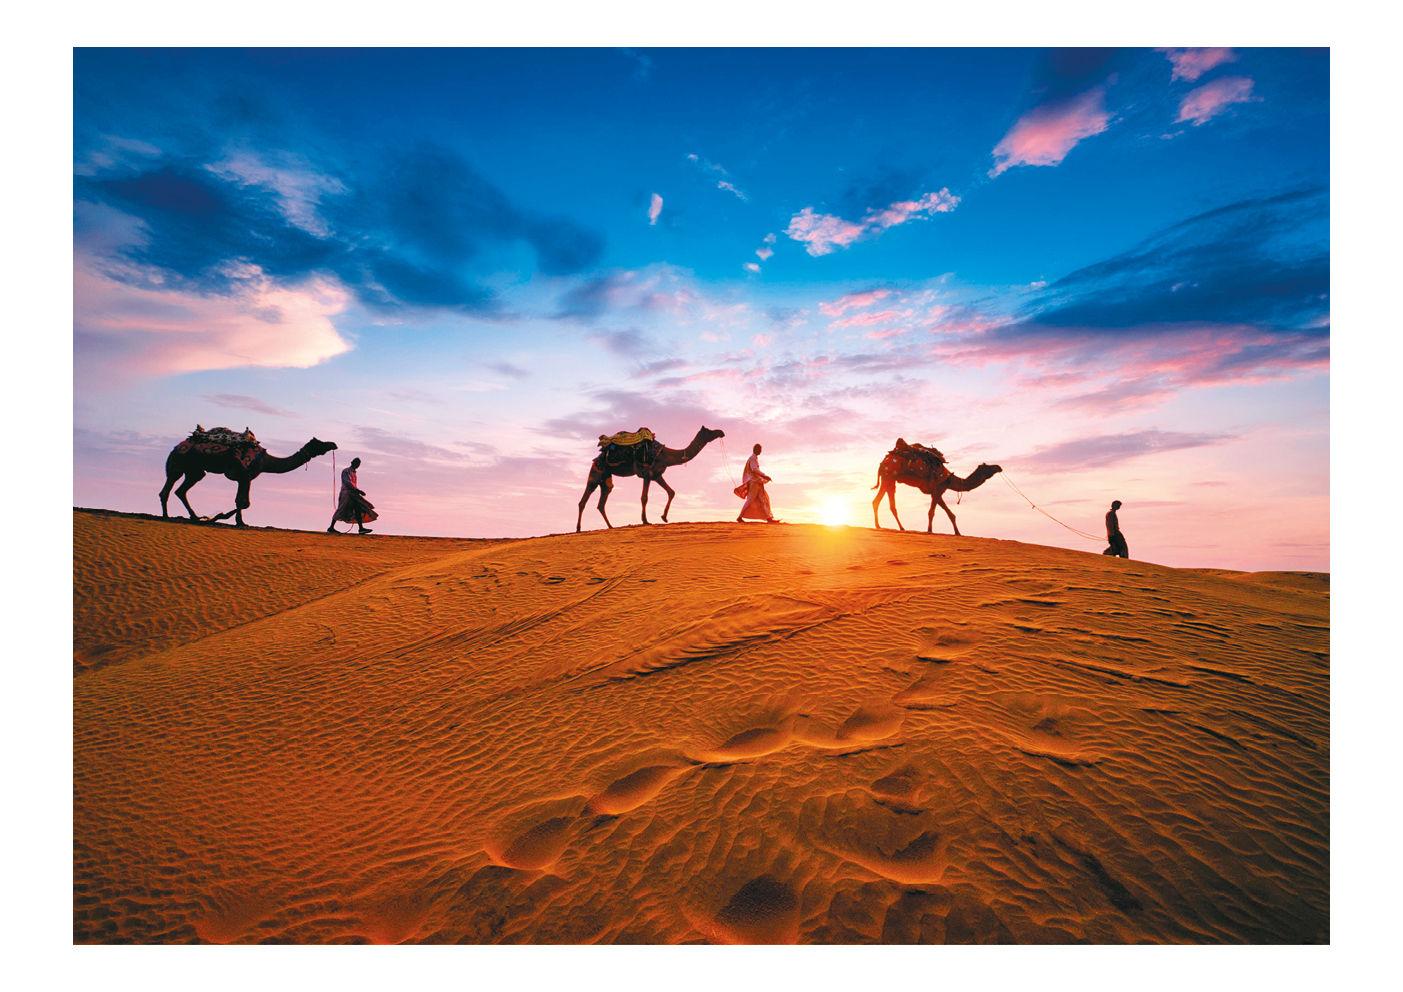 Das Motiv zeigt eine Karawane mit drei Kamelen in der Wüste